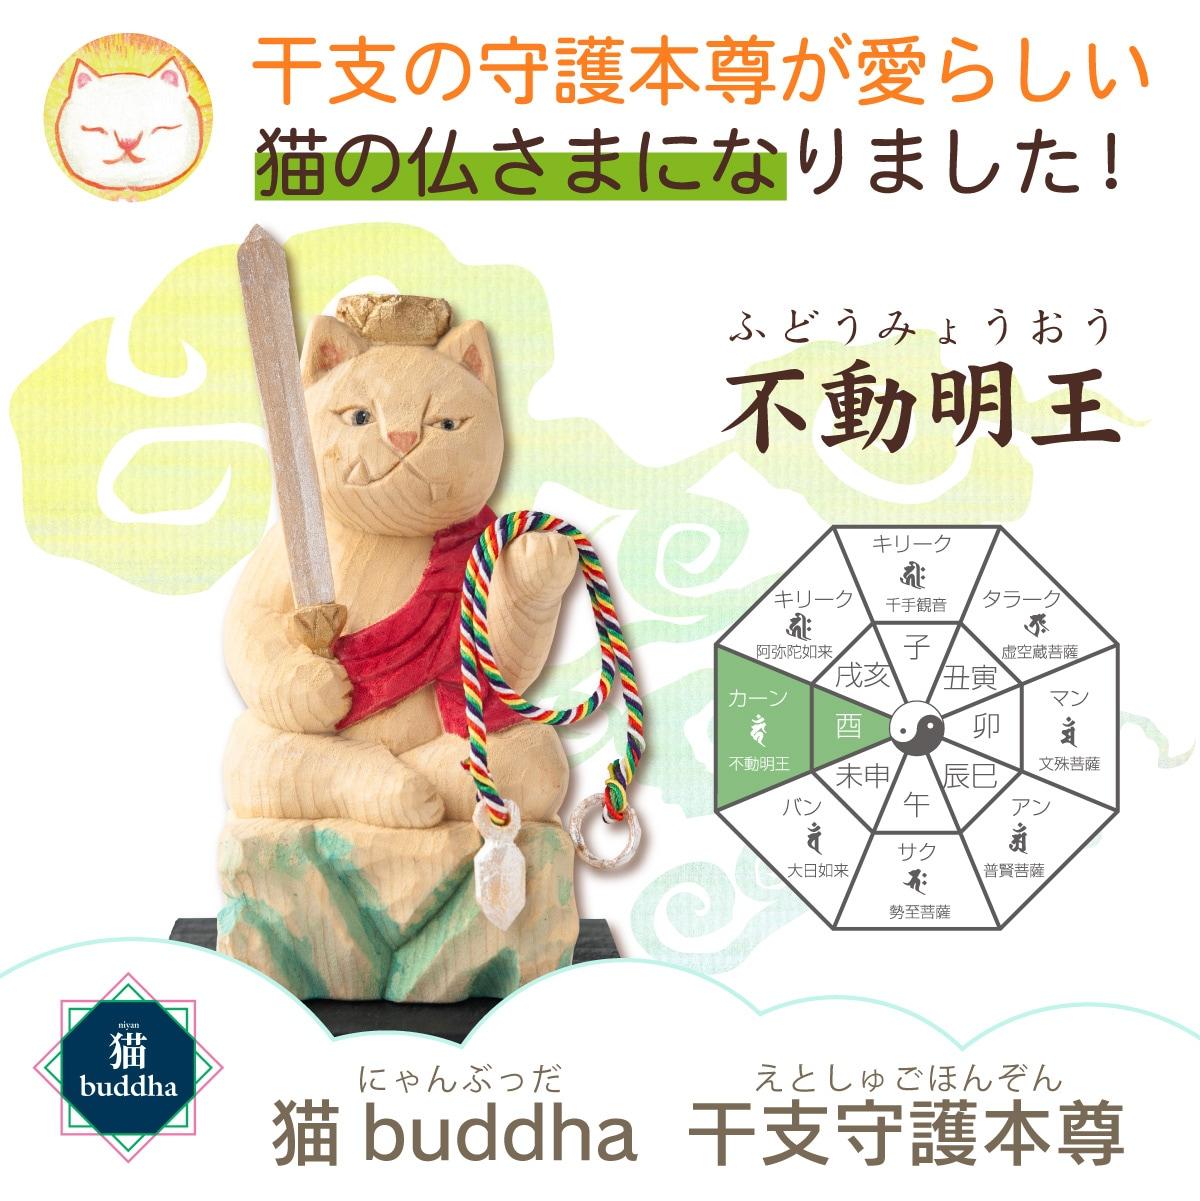 猫buddha 不動明王 開運グッズ